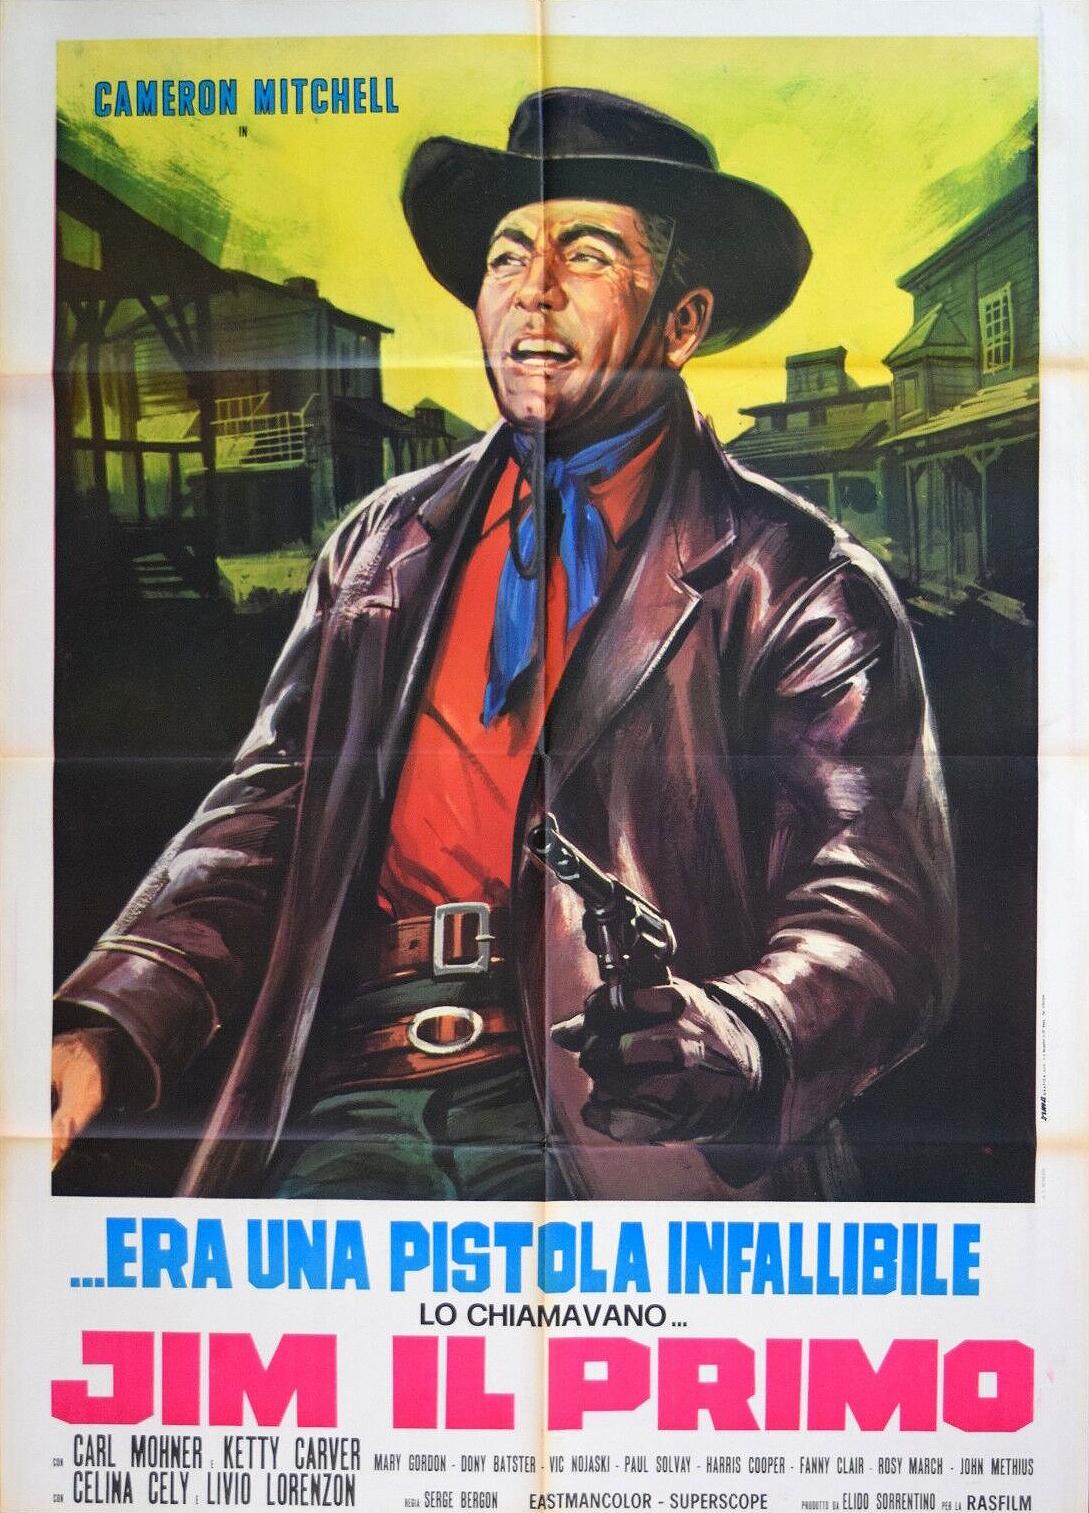 jim il primo (1964)